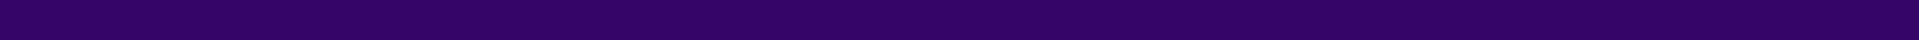 skinnypurple023226.jpg